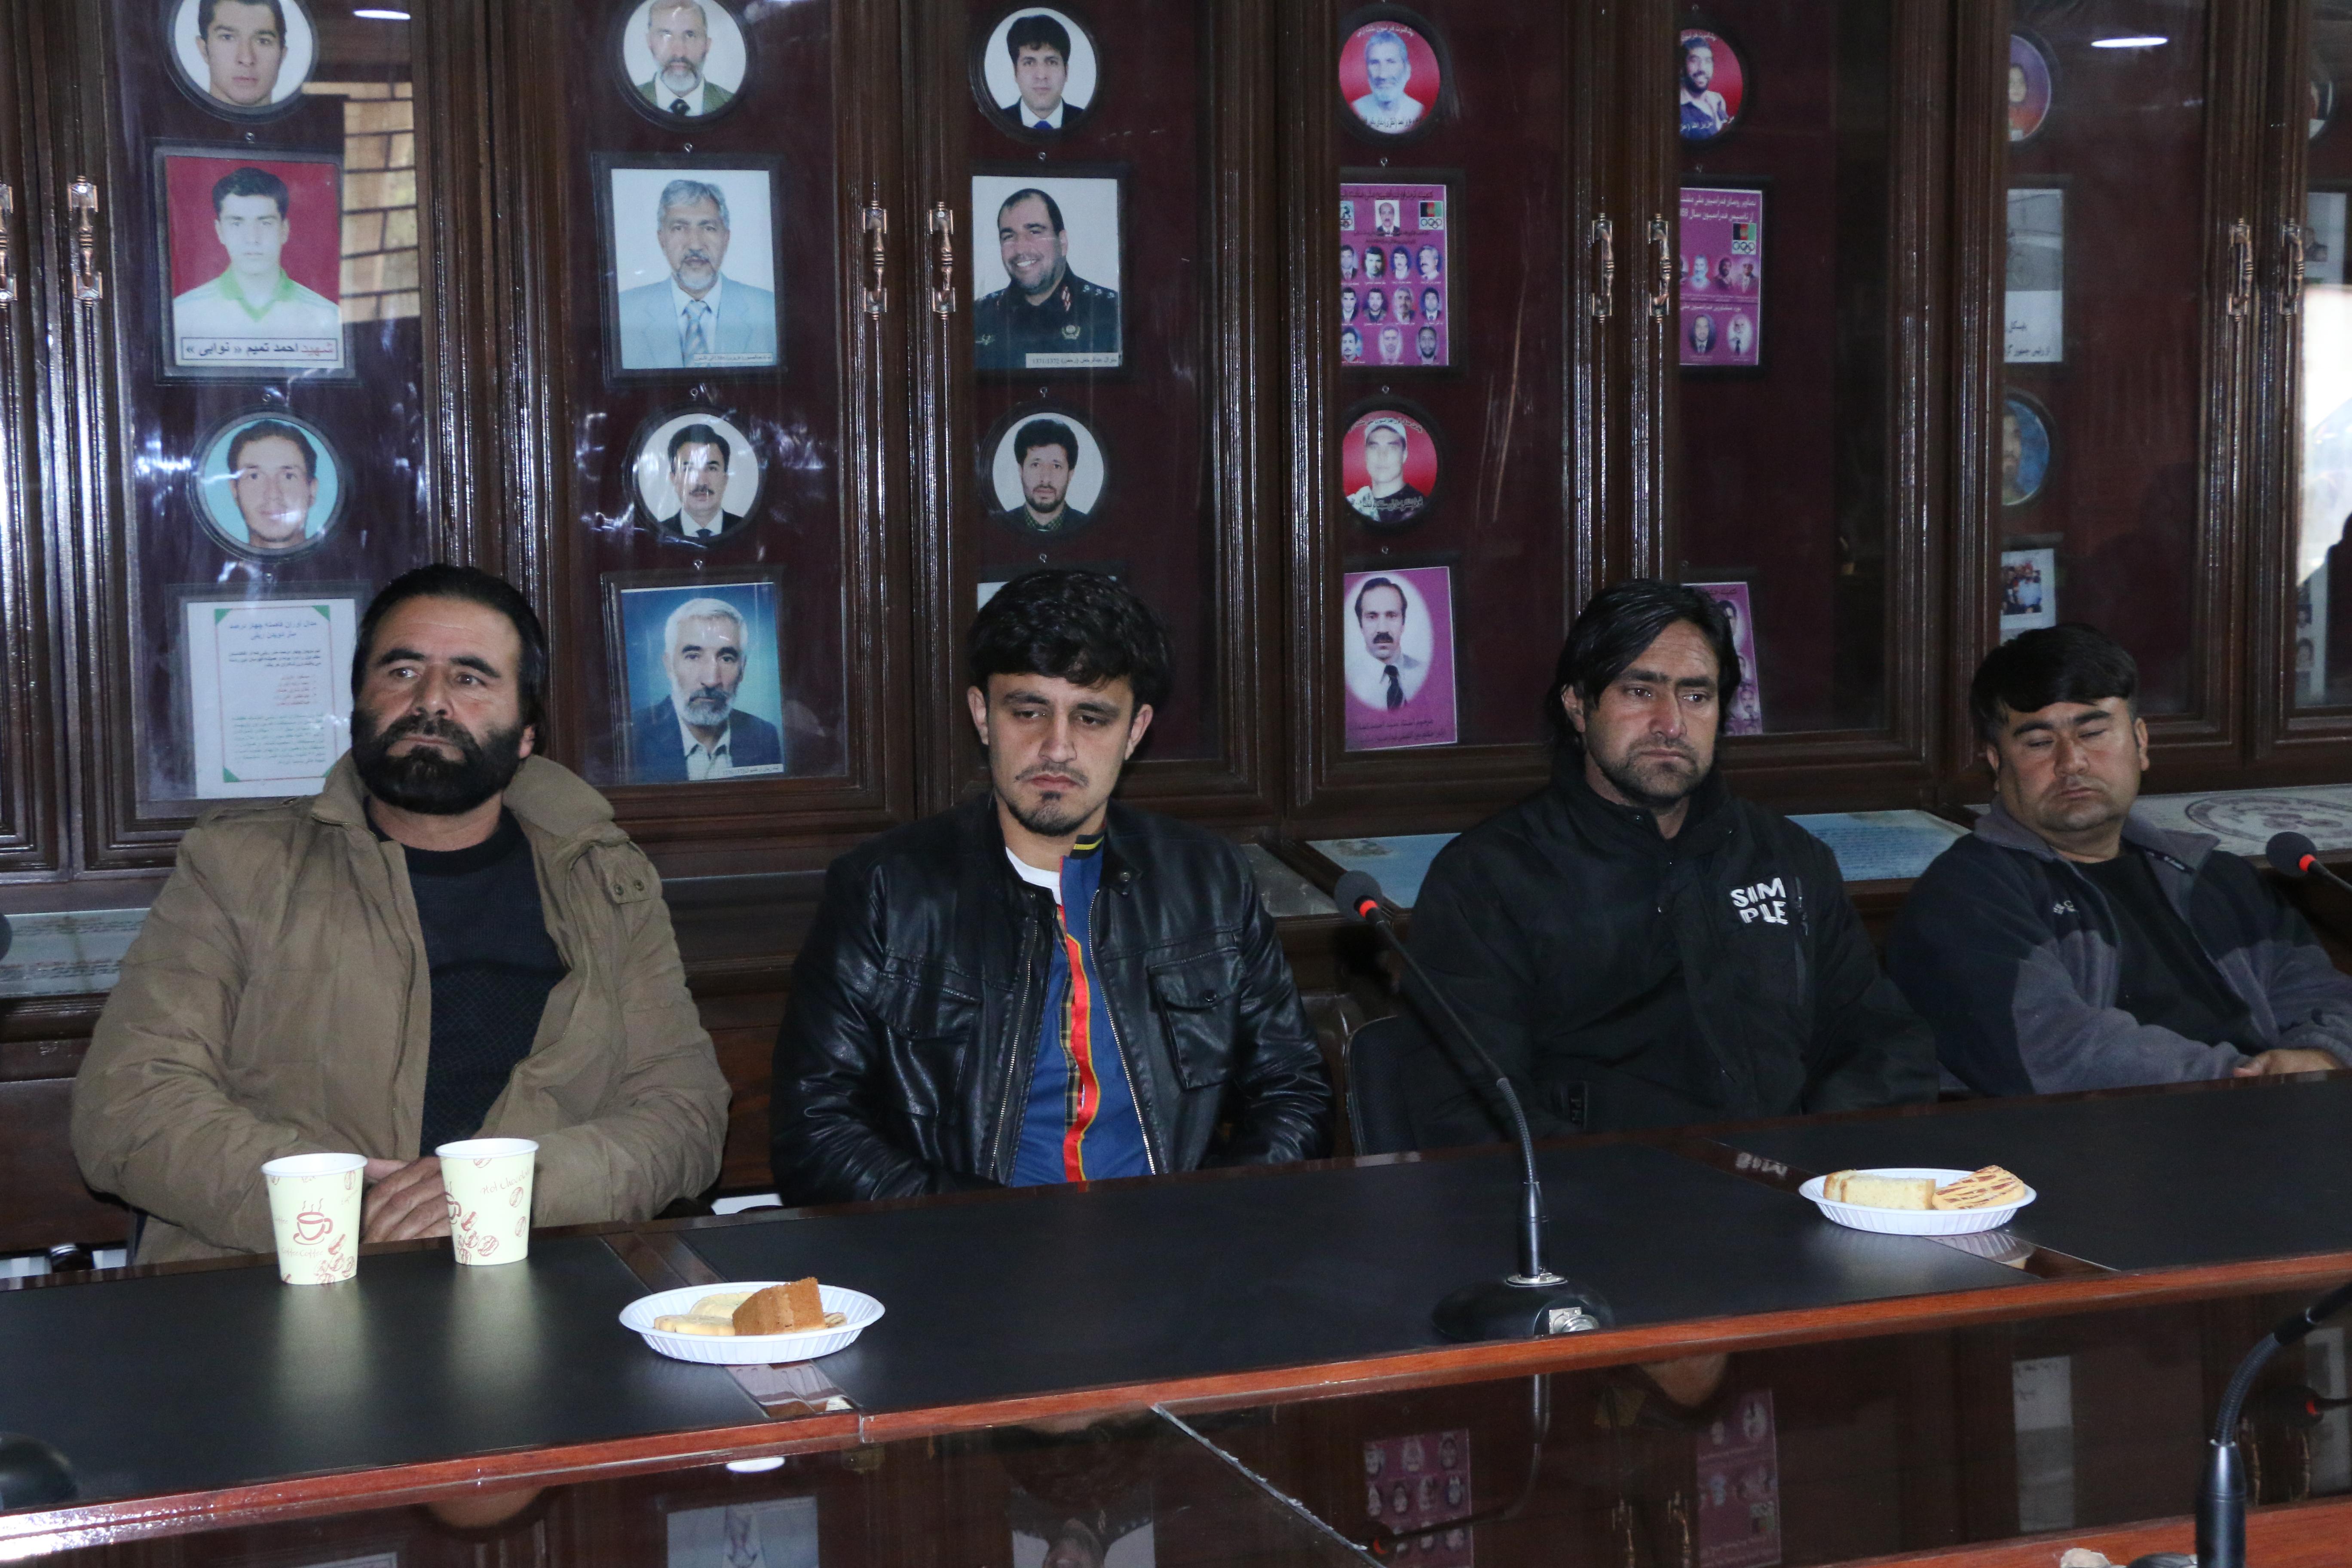 مراسم فاتحه خوانی و اتحاف دعا به روح امیر محمود محمودی رییس فدراسیون پاراالمپیک افغانستان